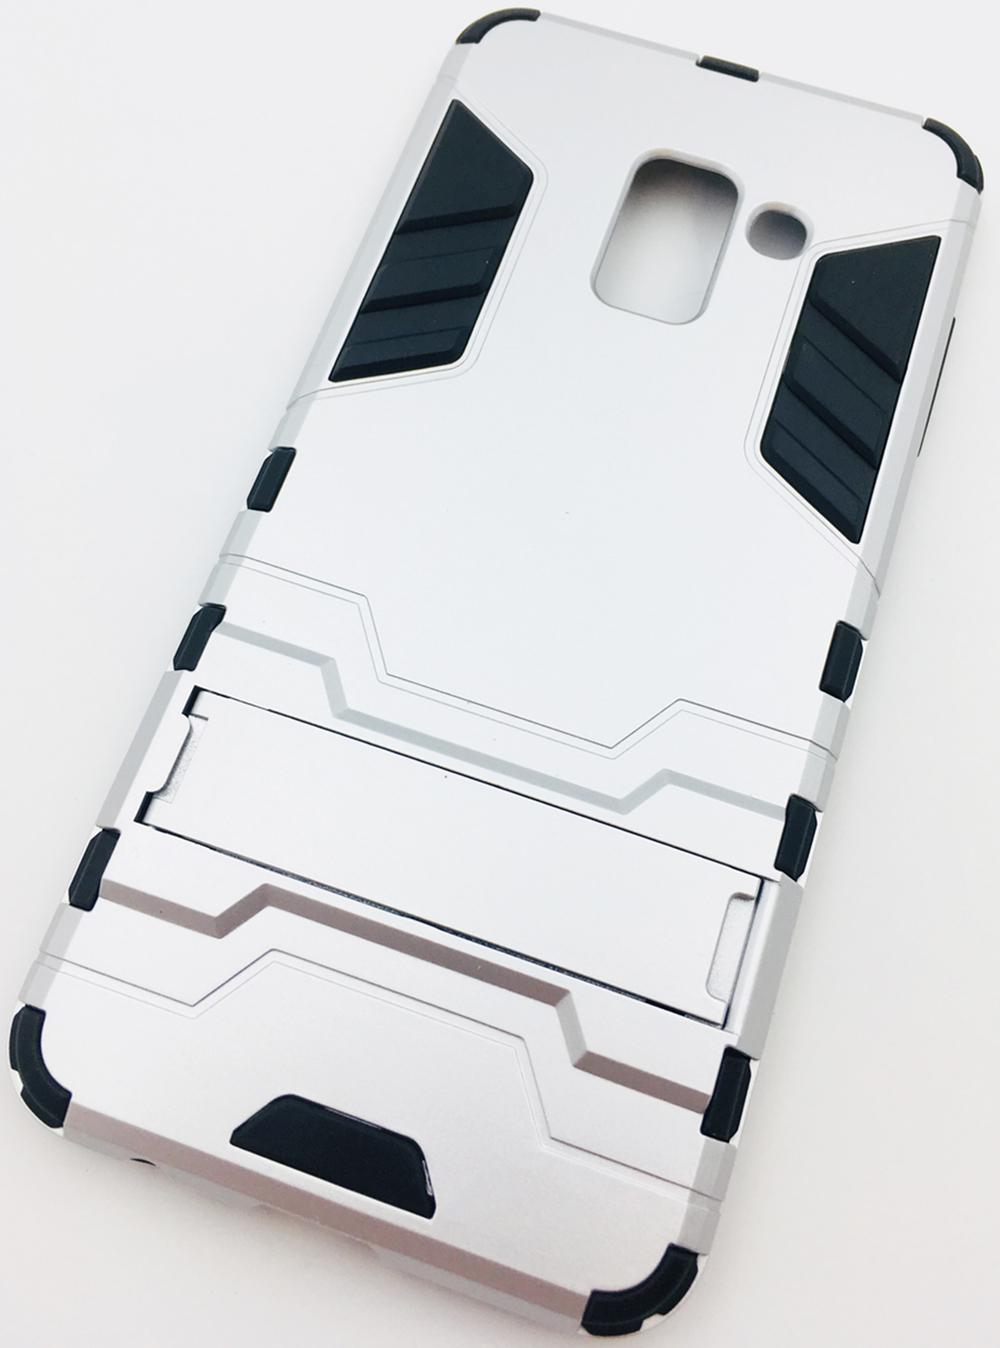 Чехол для сотового телефона Мобильная мода Samsung A8 2018 Накладка противоударная с подставкой, трансформер, 7173D, серебристый